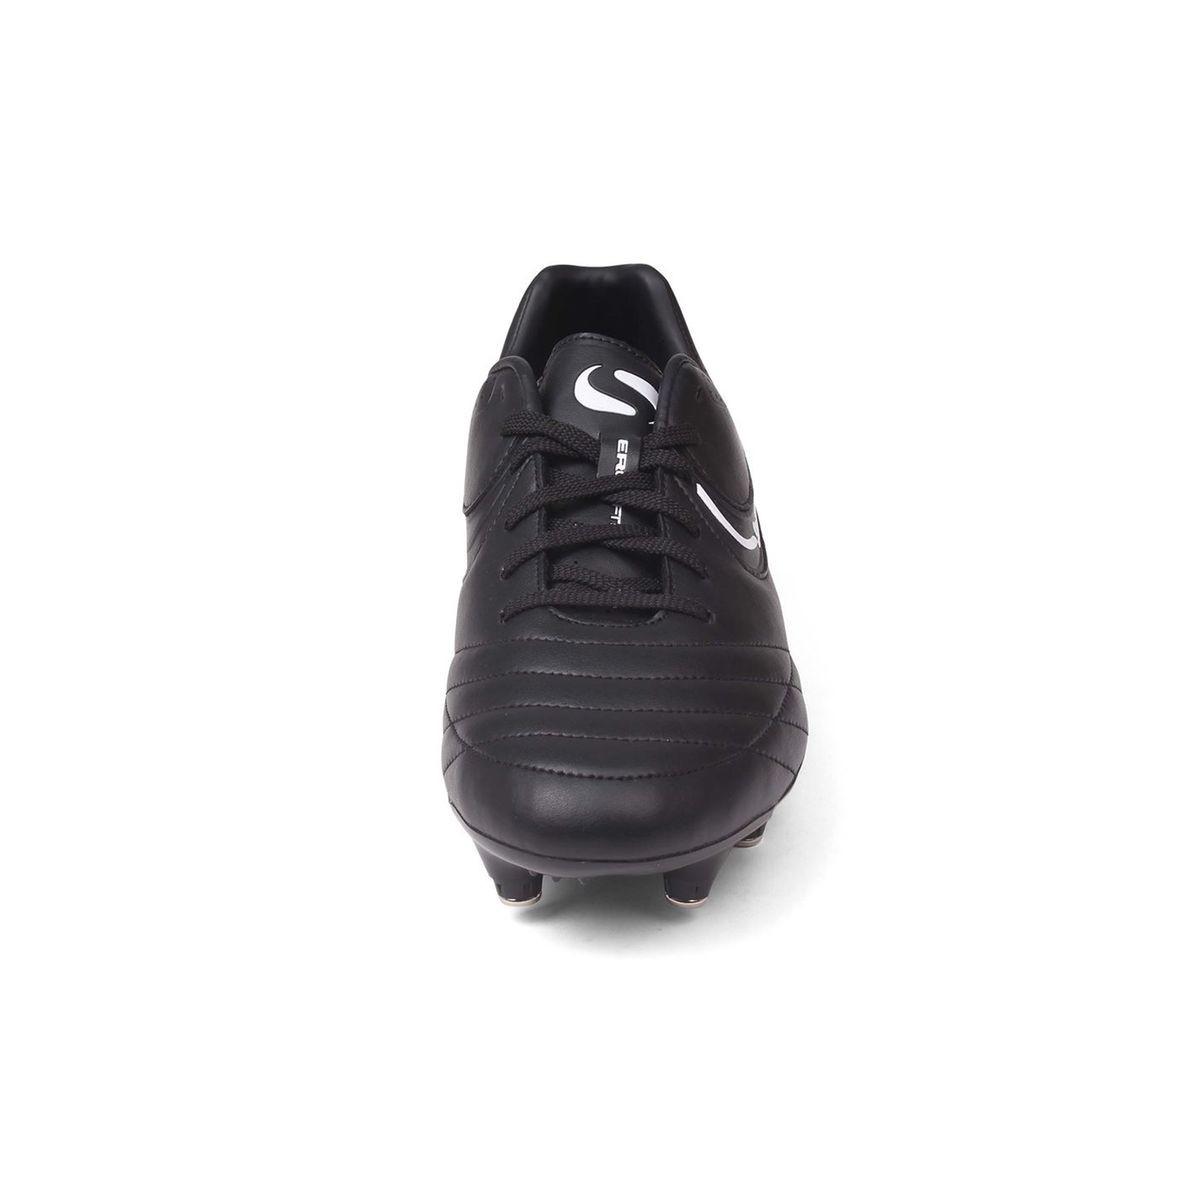 vente en ligne en gros sortie en vente Chaussures De Foot Terrain Mou - Taille : 47 | Products ...